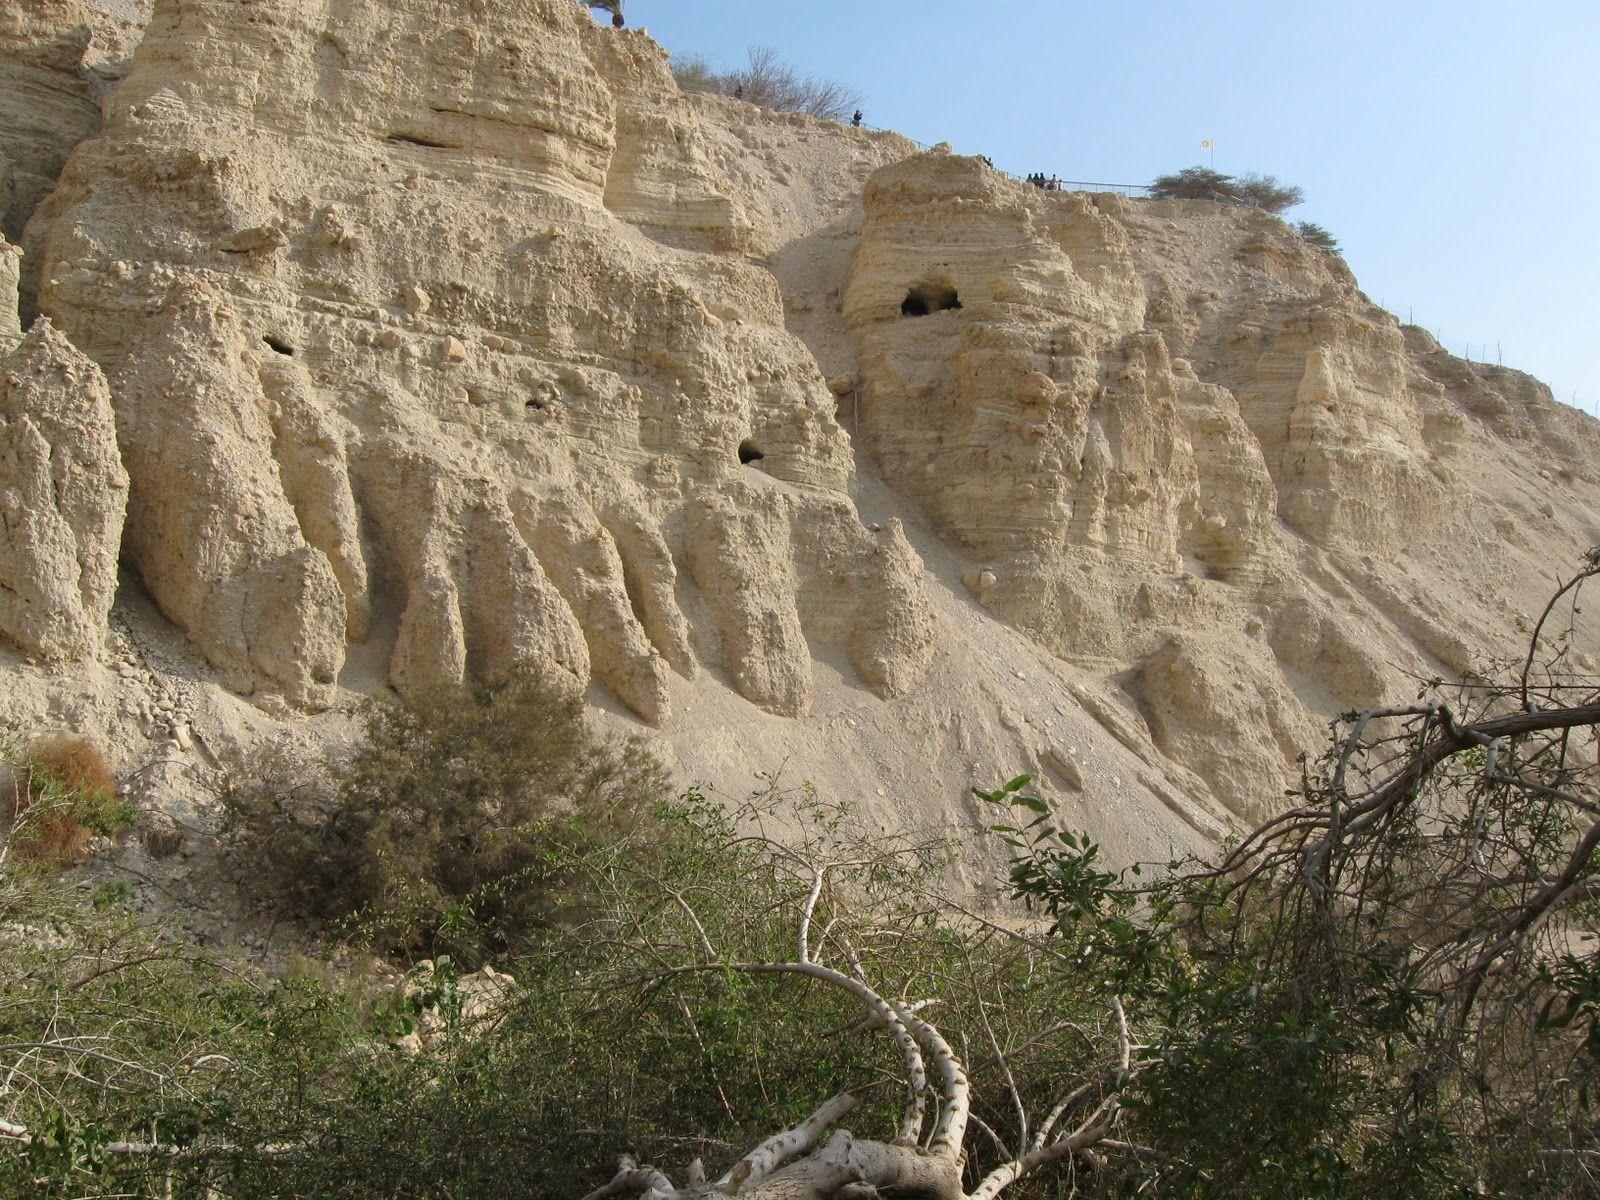 上图:隐·基底的悬崖上有许多山洞可以藏身。